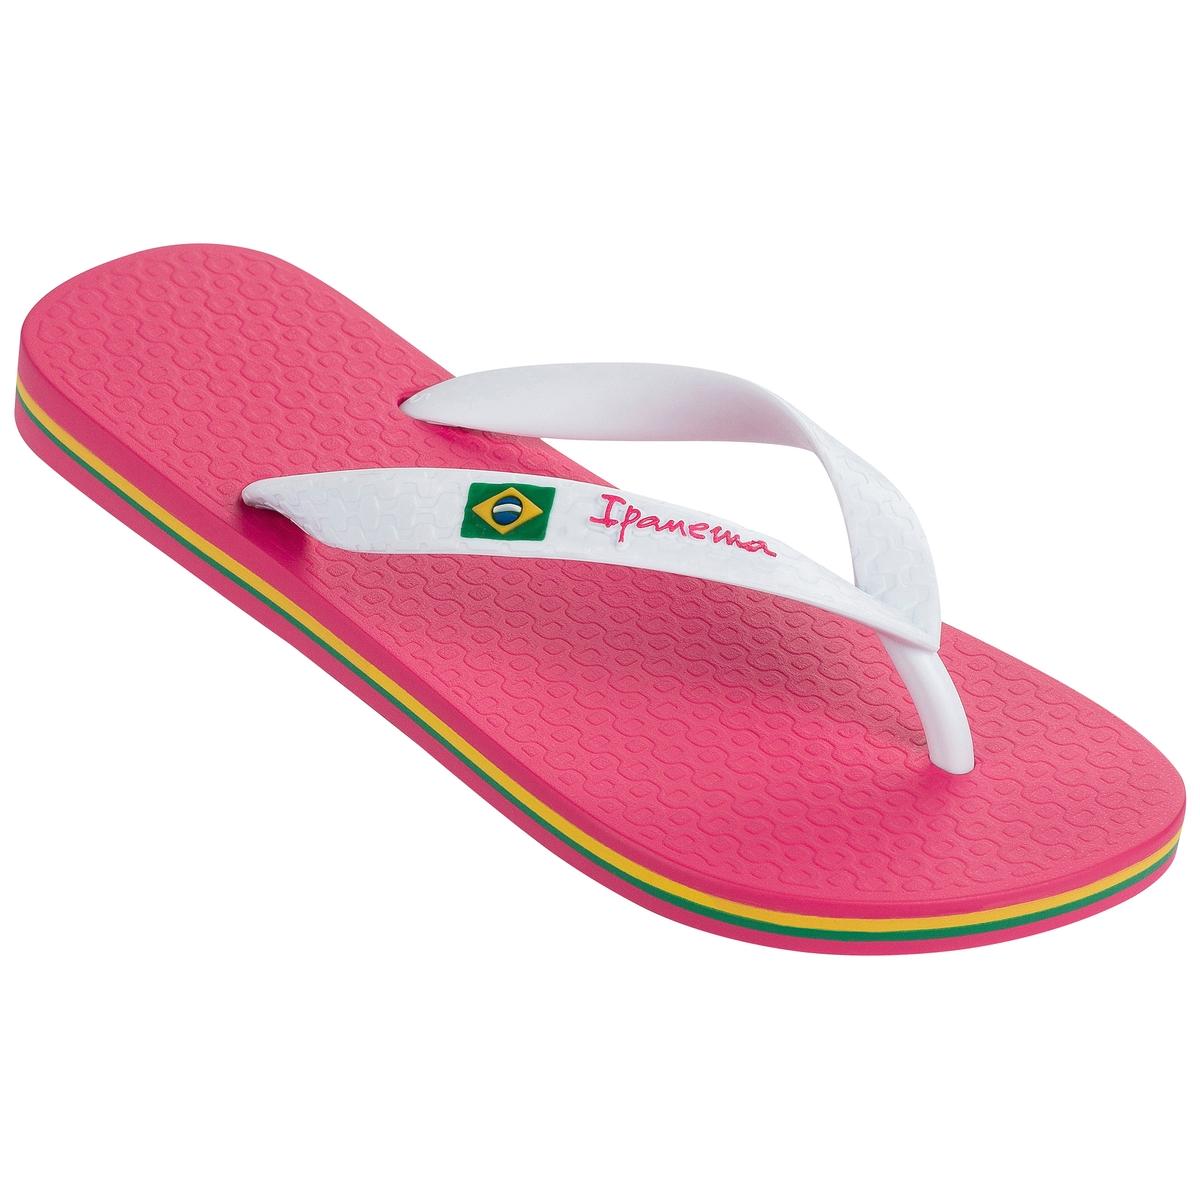 Вьетнамки Classica Brasil IIВерх/Голенище : каучук    Подошва : каучук   Форма каблука : плоский   Мысок : закругленный   Застежка : без застежки<br><br>Цвет: розовый/ белый